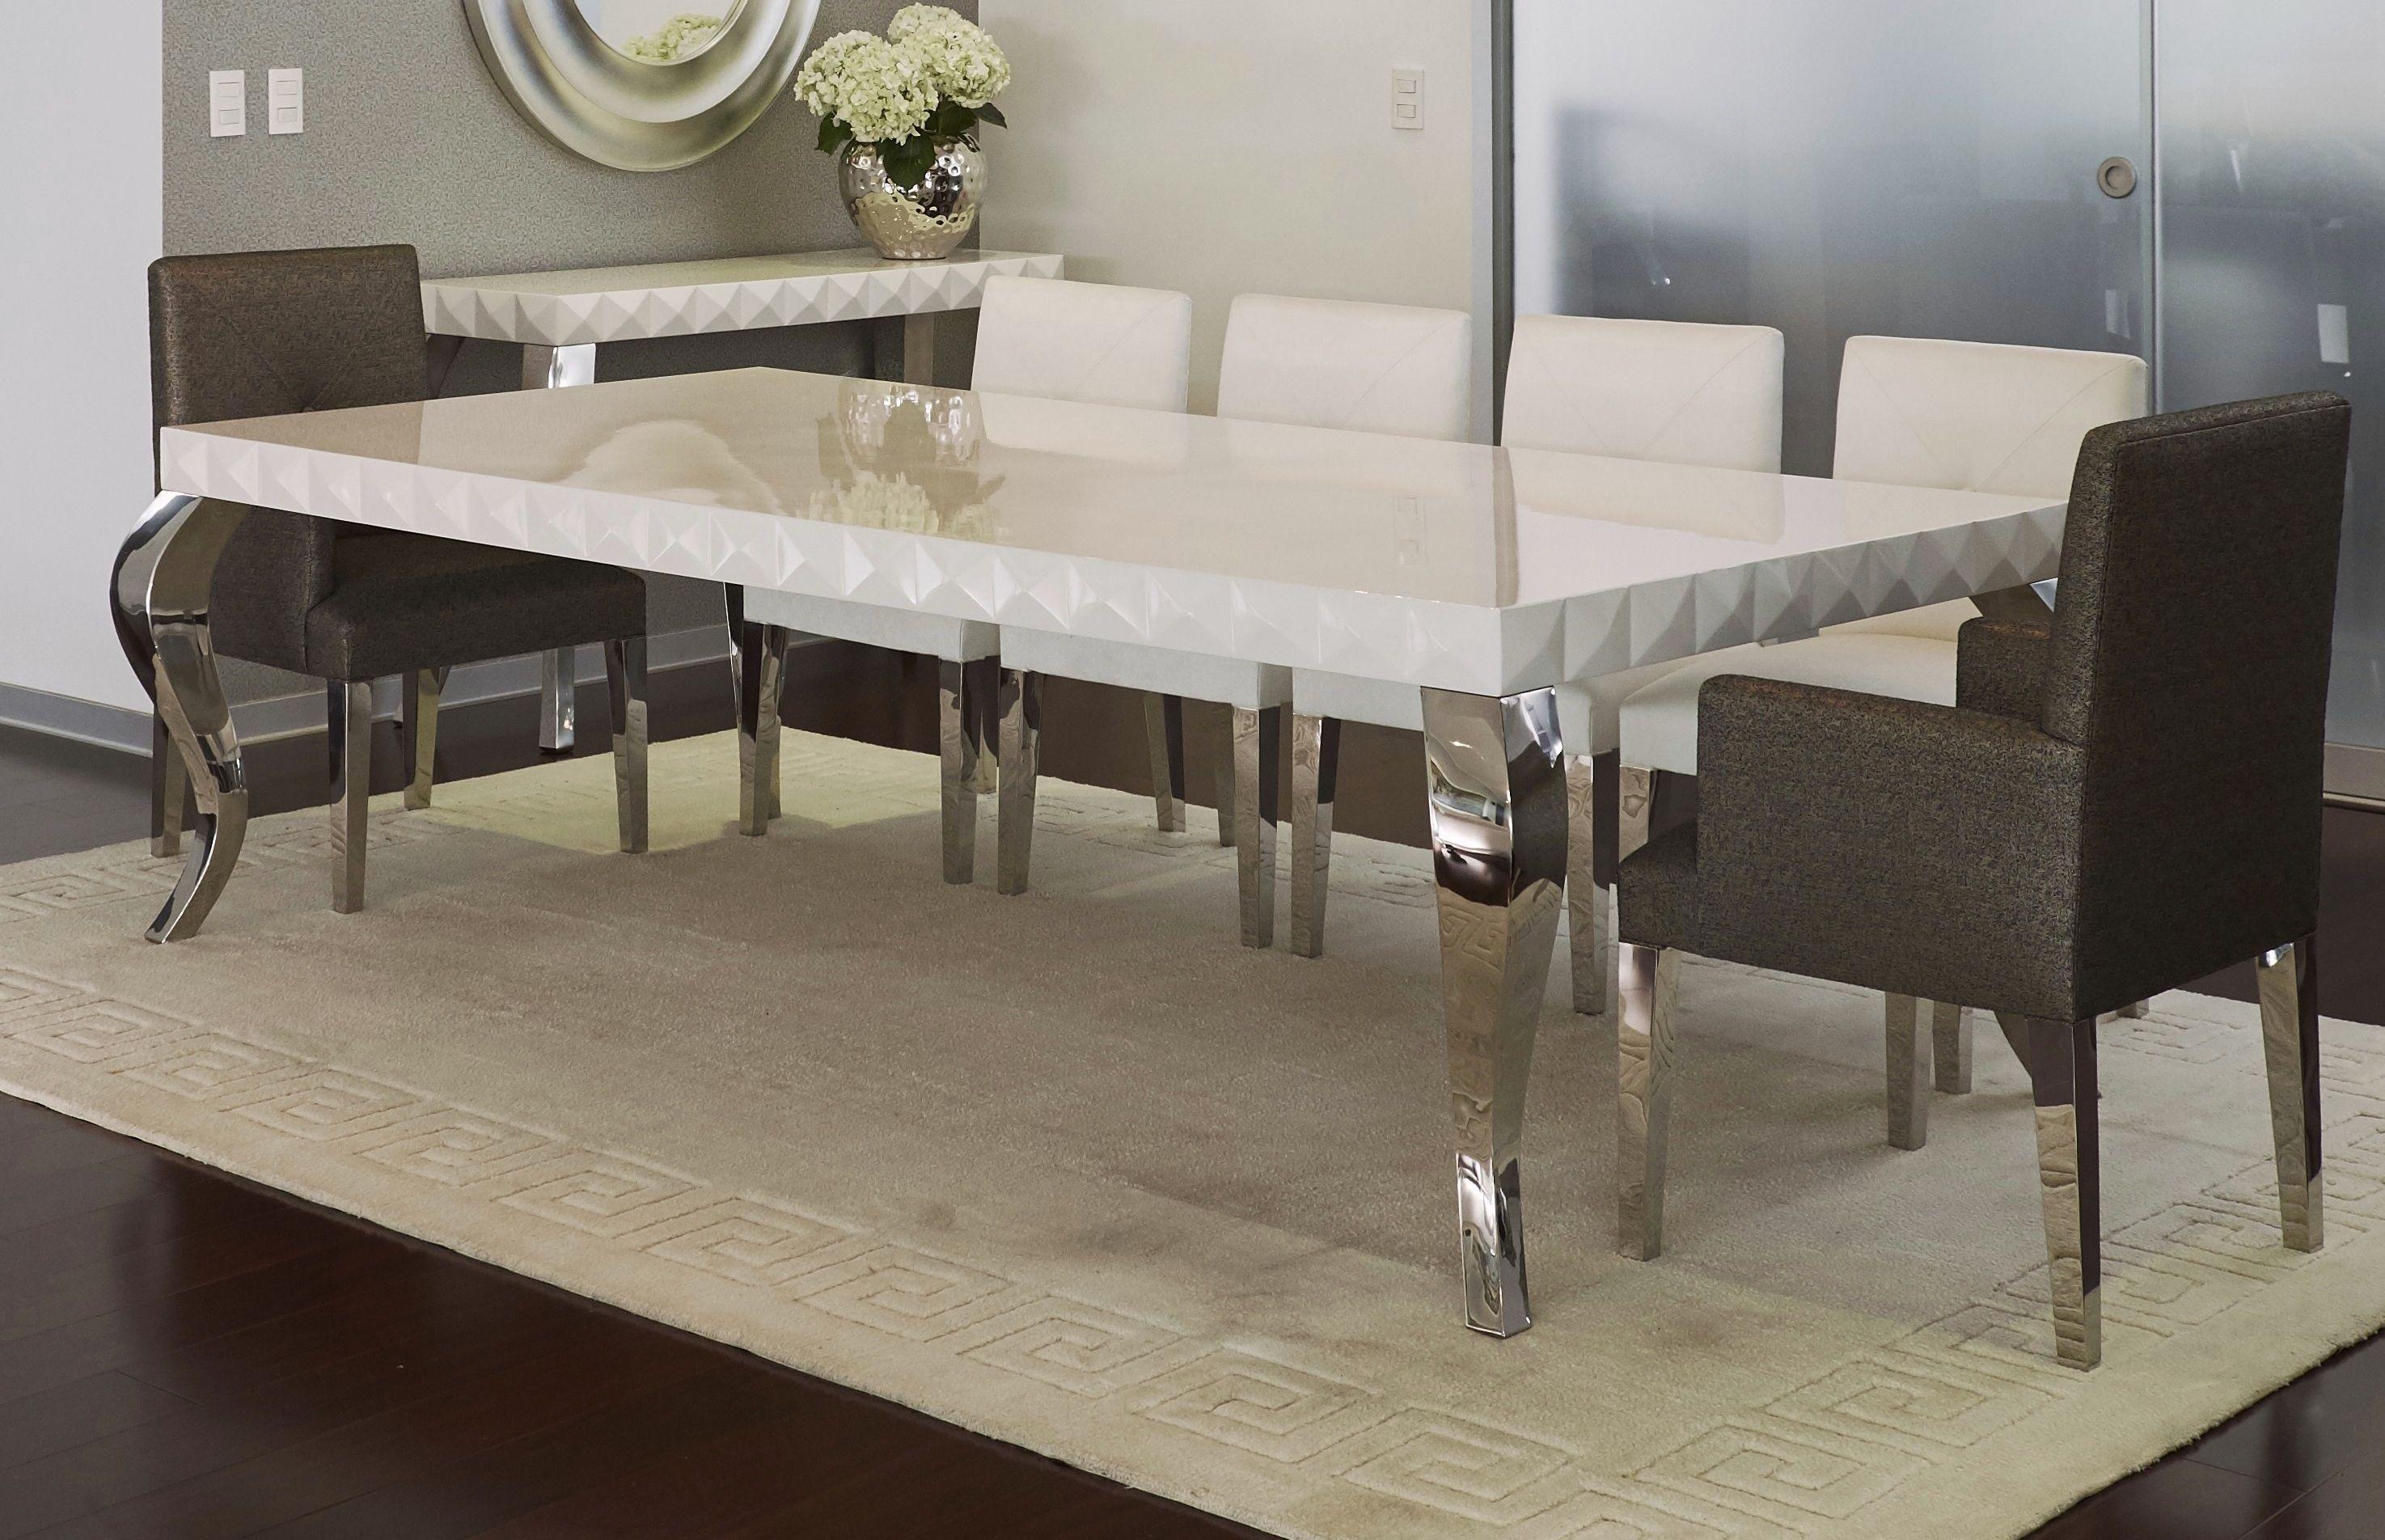 Mesa de comedor nazca tablero facetado acabado en for Patas muebles